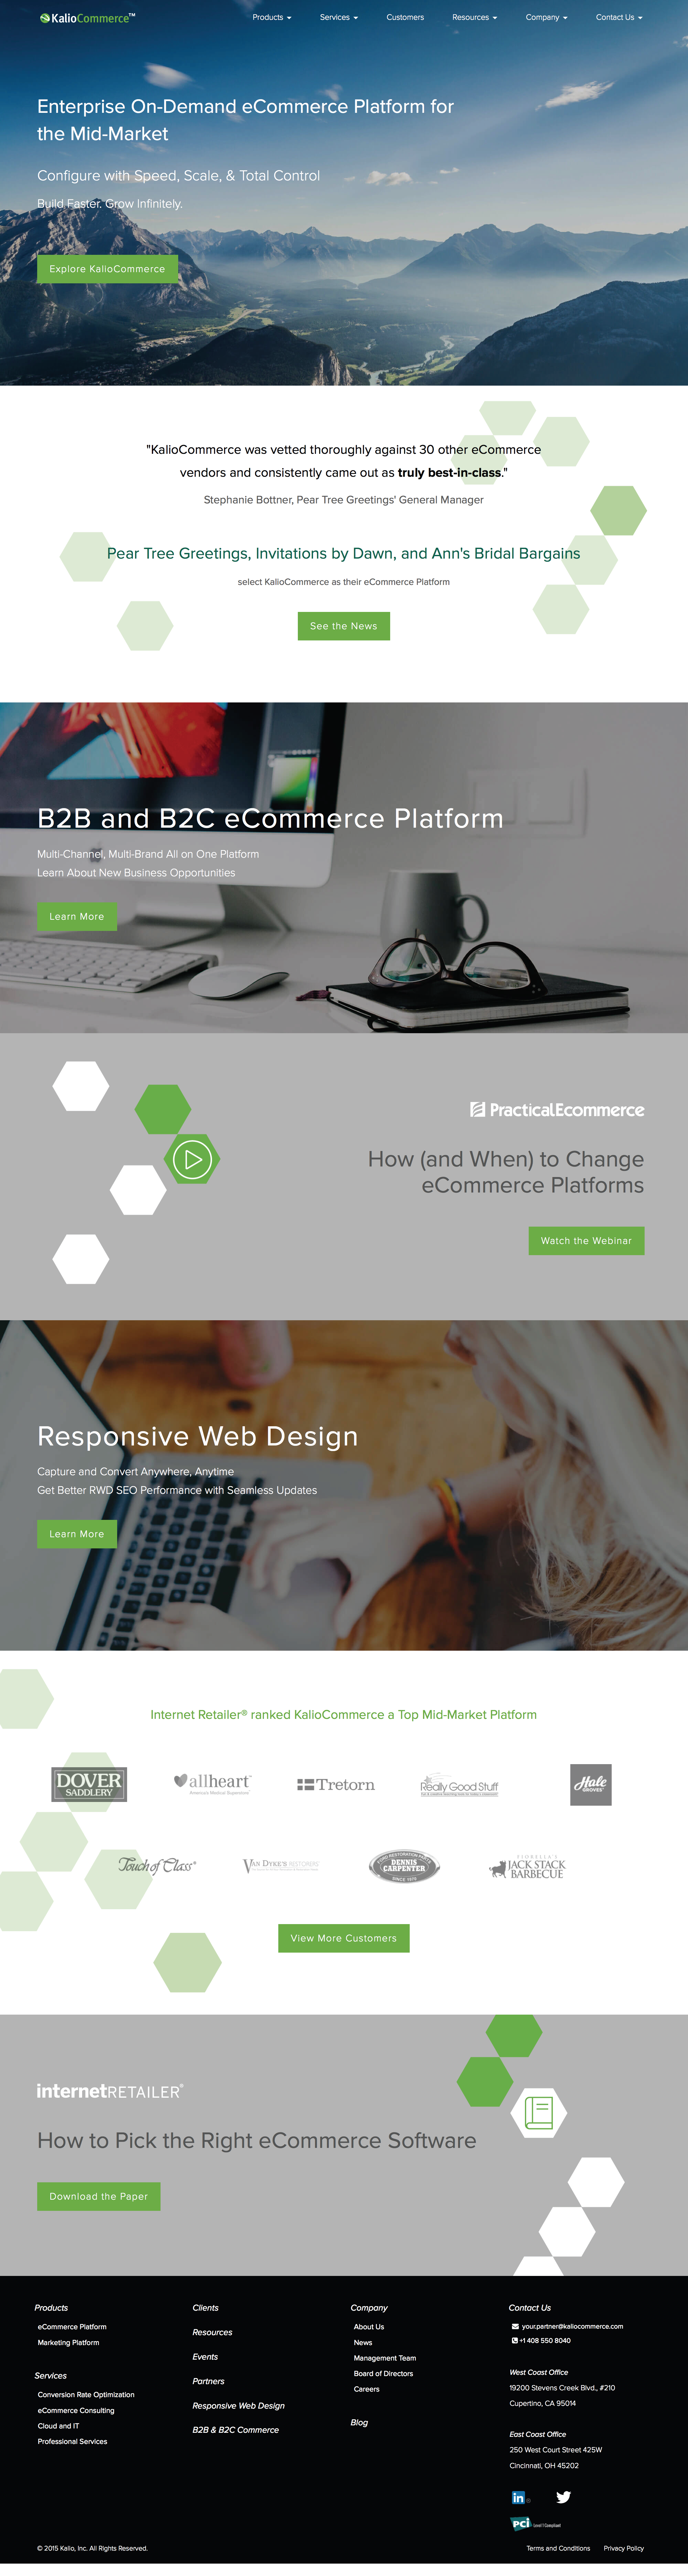 KalioCommerce Website